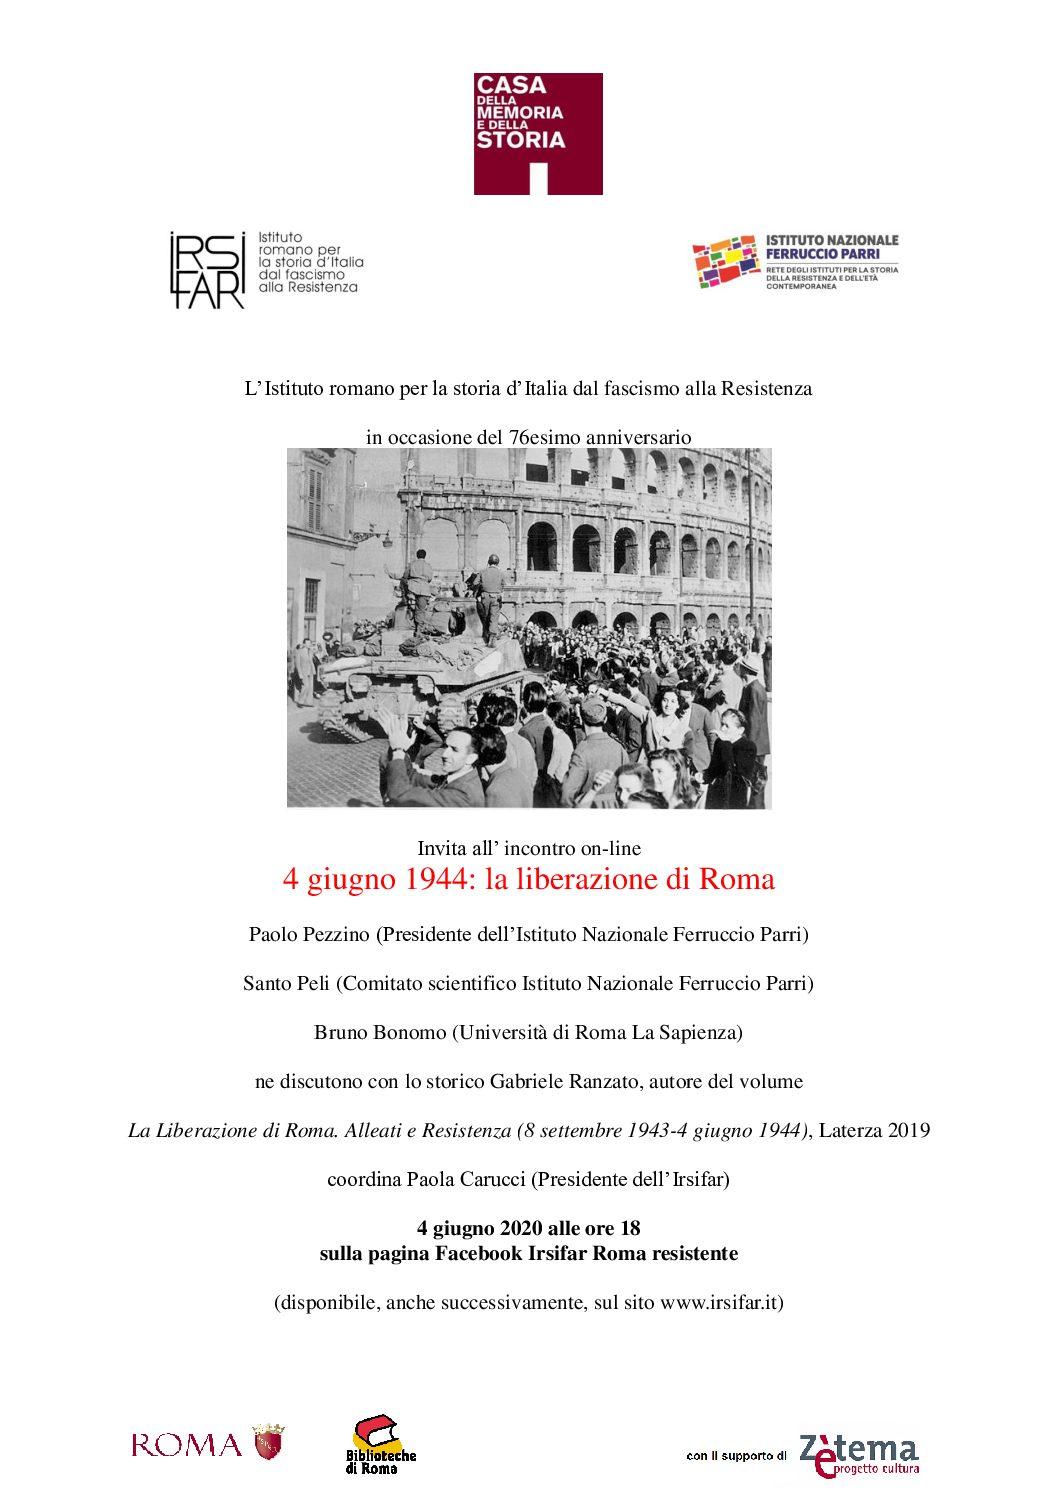 4 giugno 1944. La Liberazione di Roma | Incontro on-line